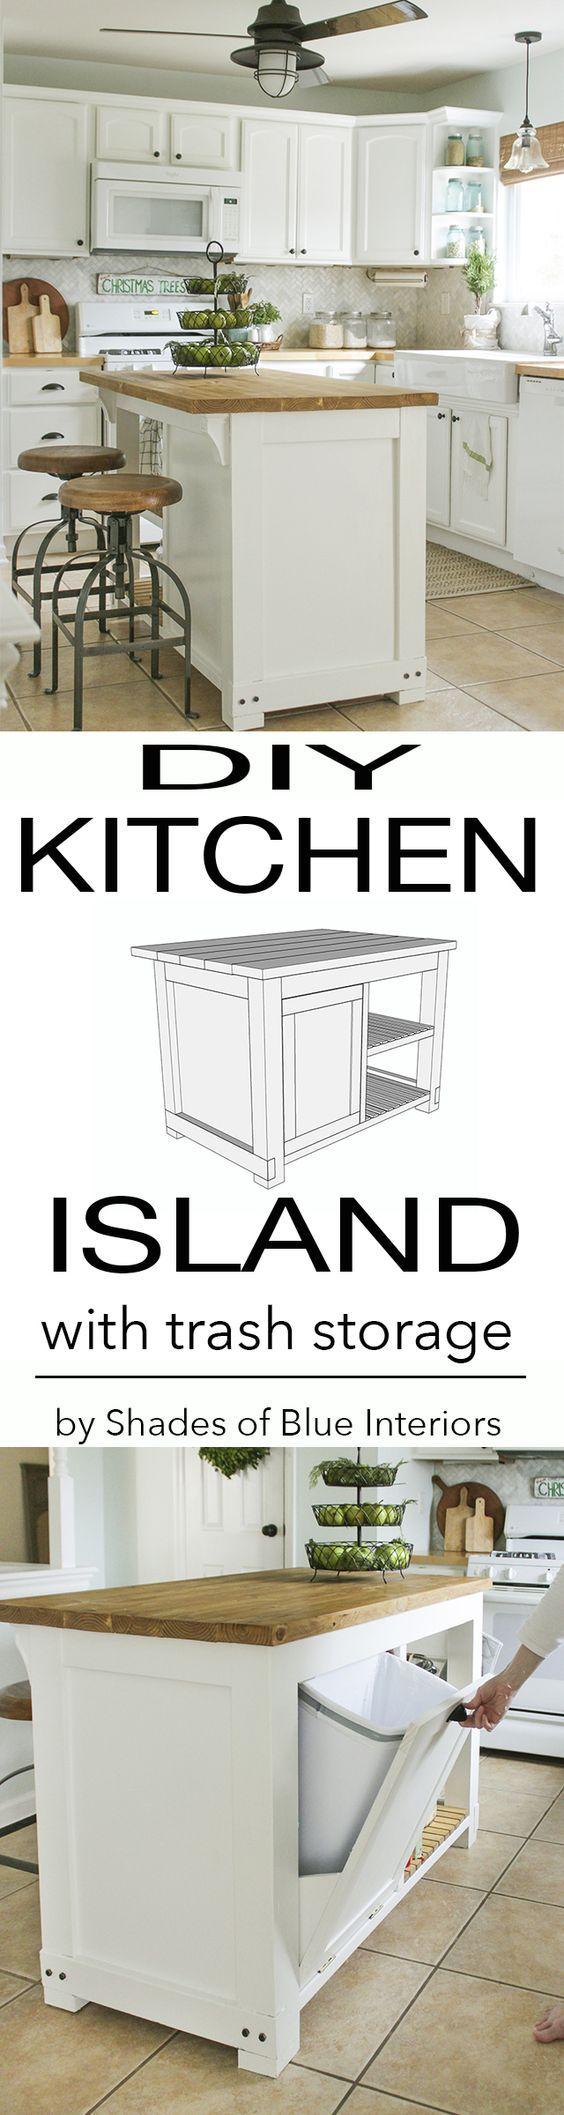 DIY Kitchen Island with Trash Storage | Furniture, Möbel und Häuschen